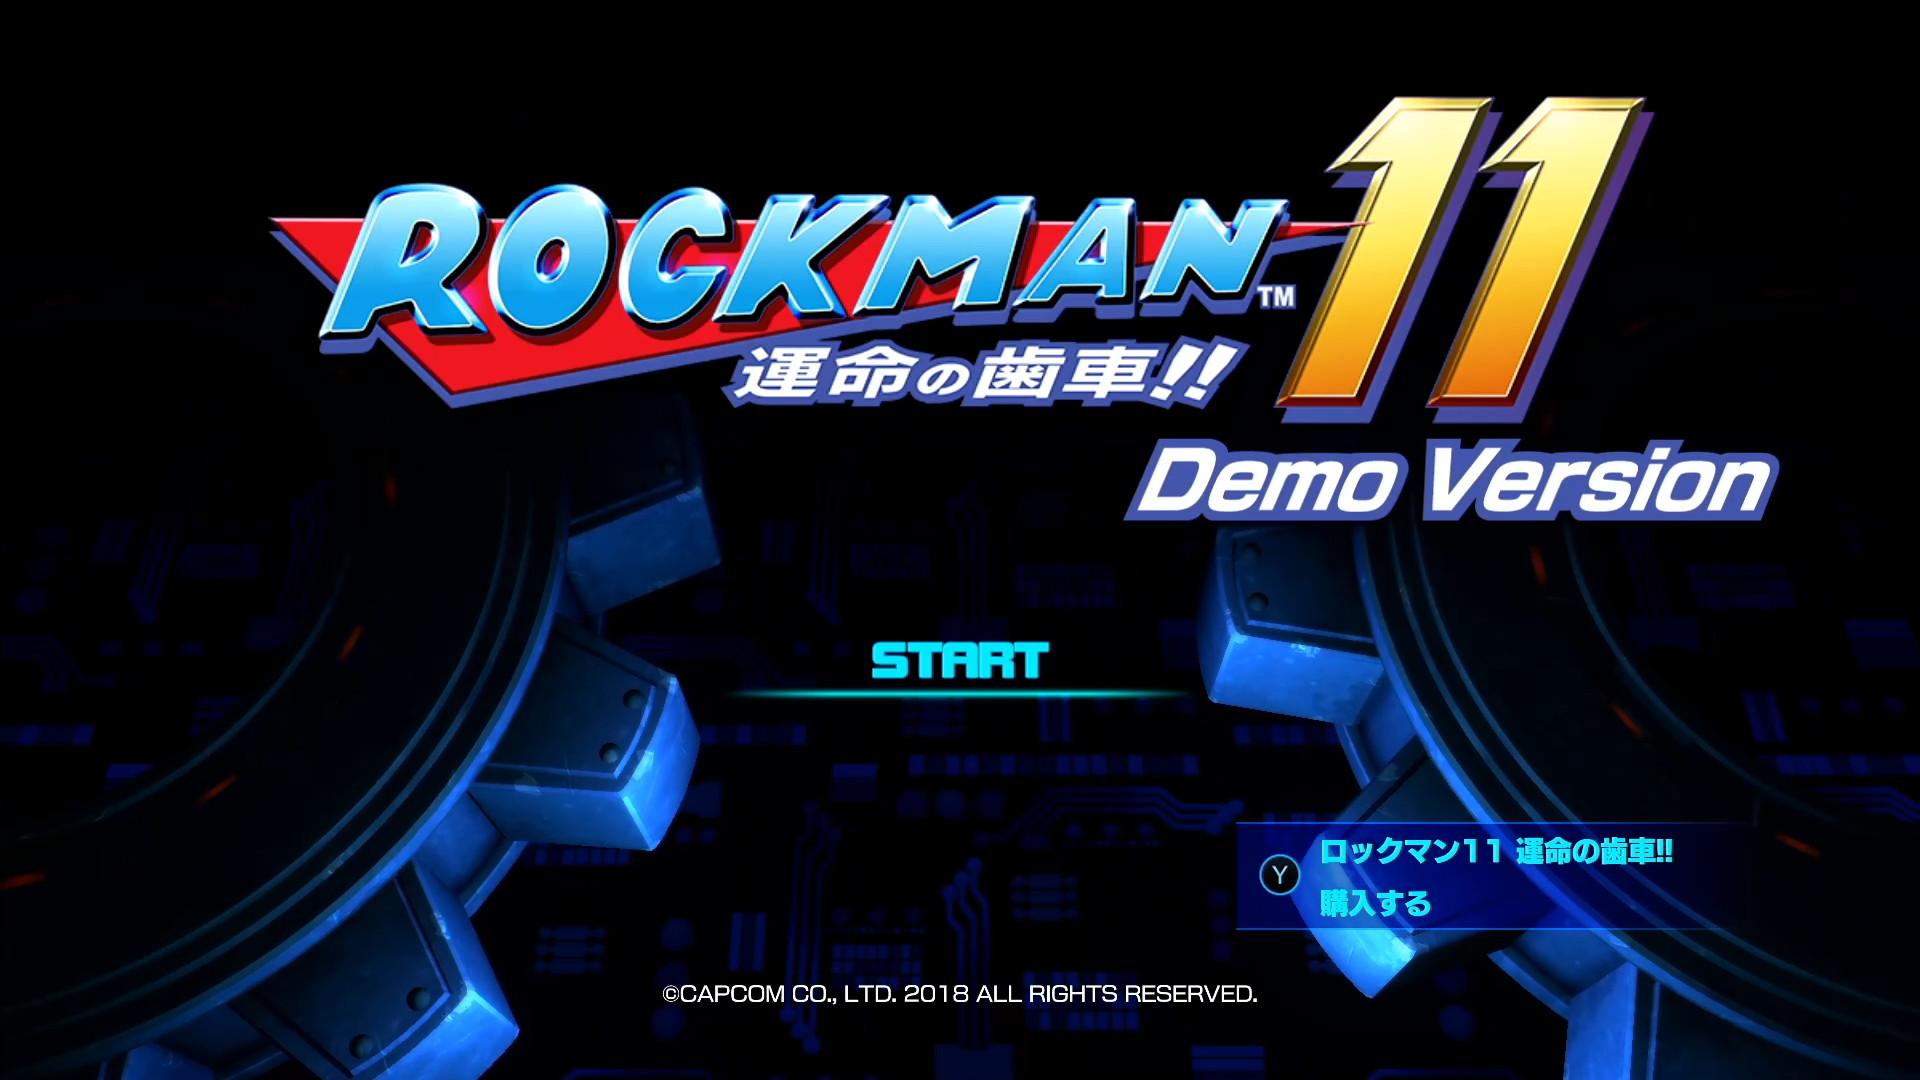 ロックマン11 運命の歯車!! Demo Versionをお試し